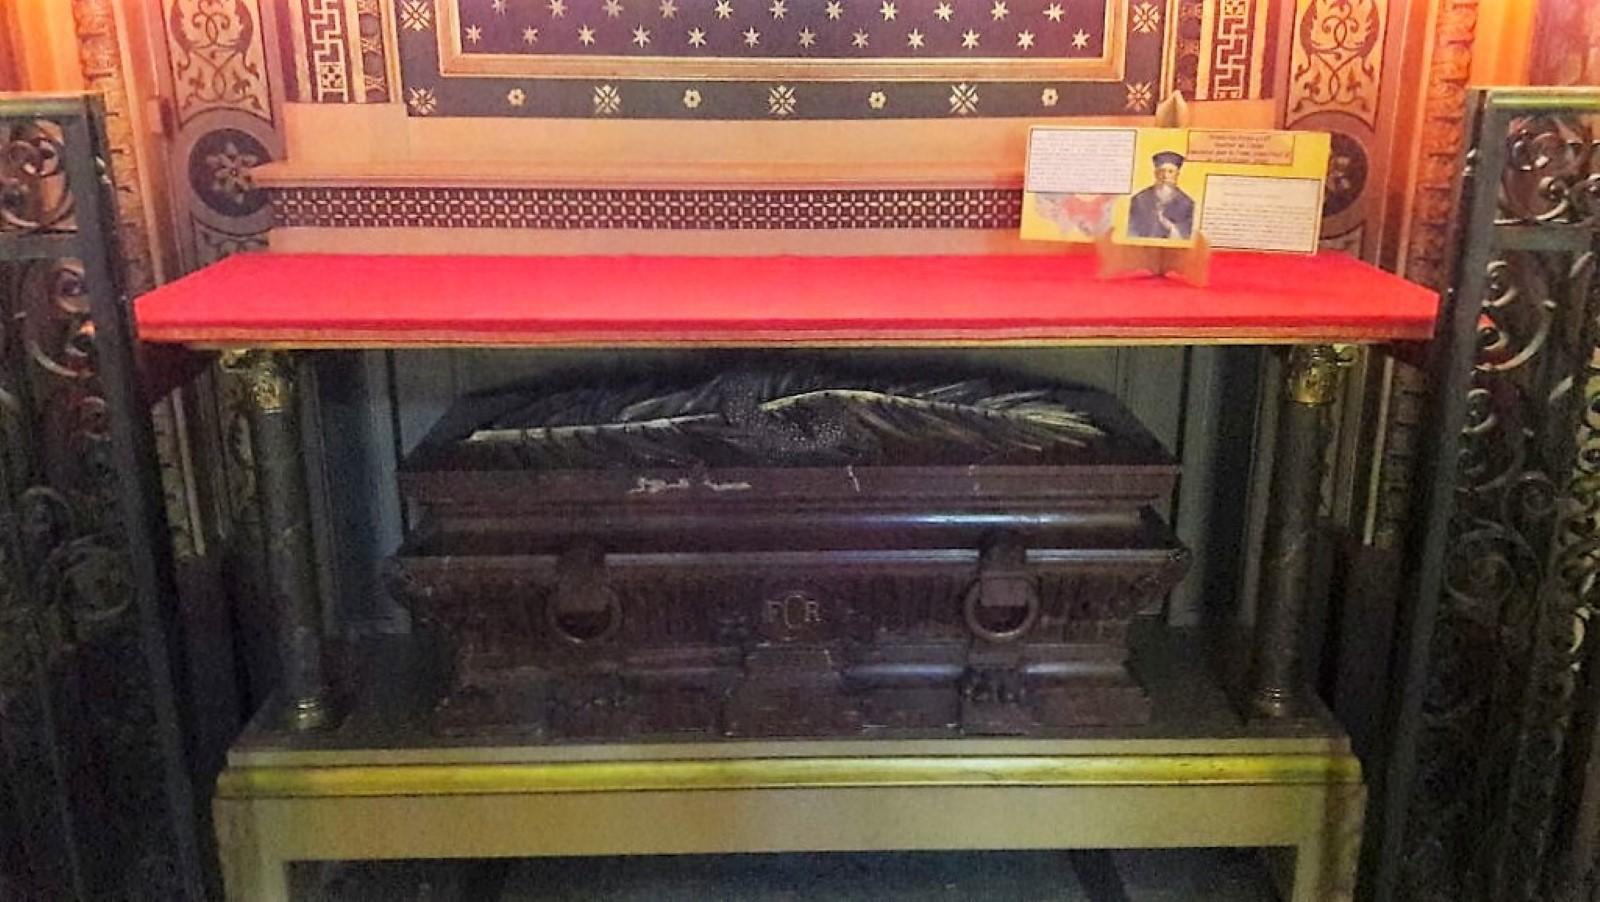 Cuerpo de San Gabriel Perboyre, mártir en china (en la Iglesia de San Vicente de Paúl)